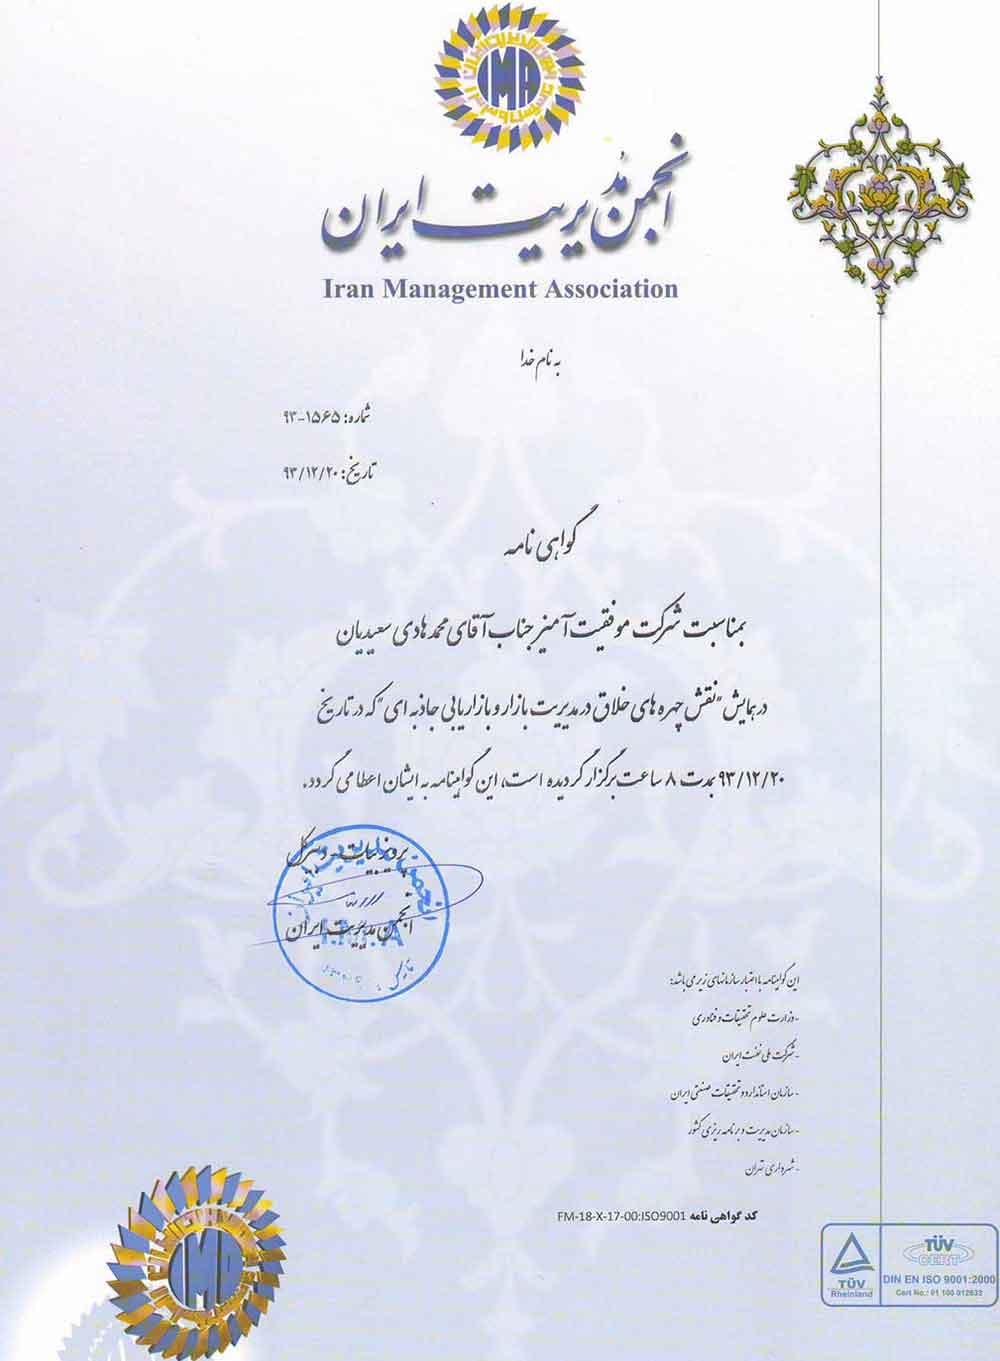 محمدهادی سعیدیان